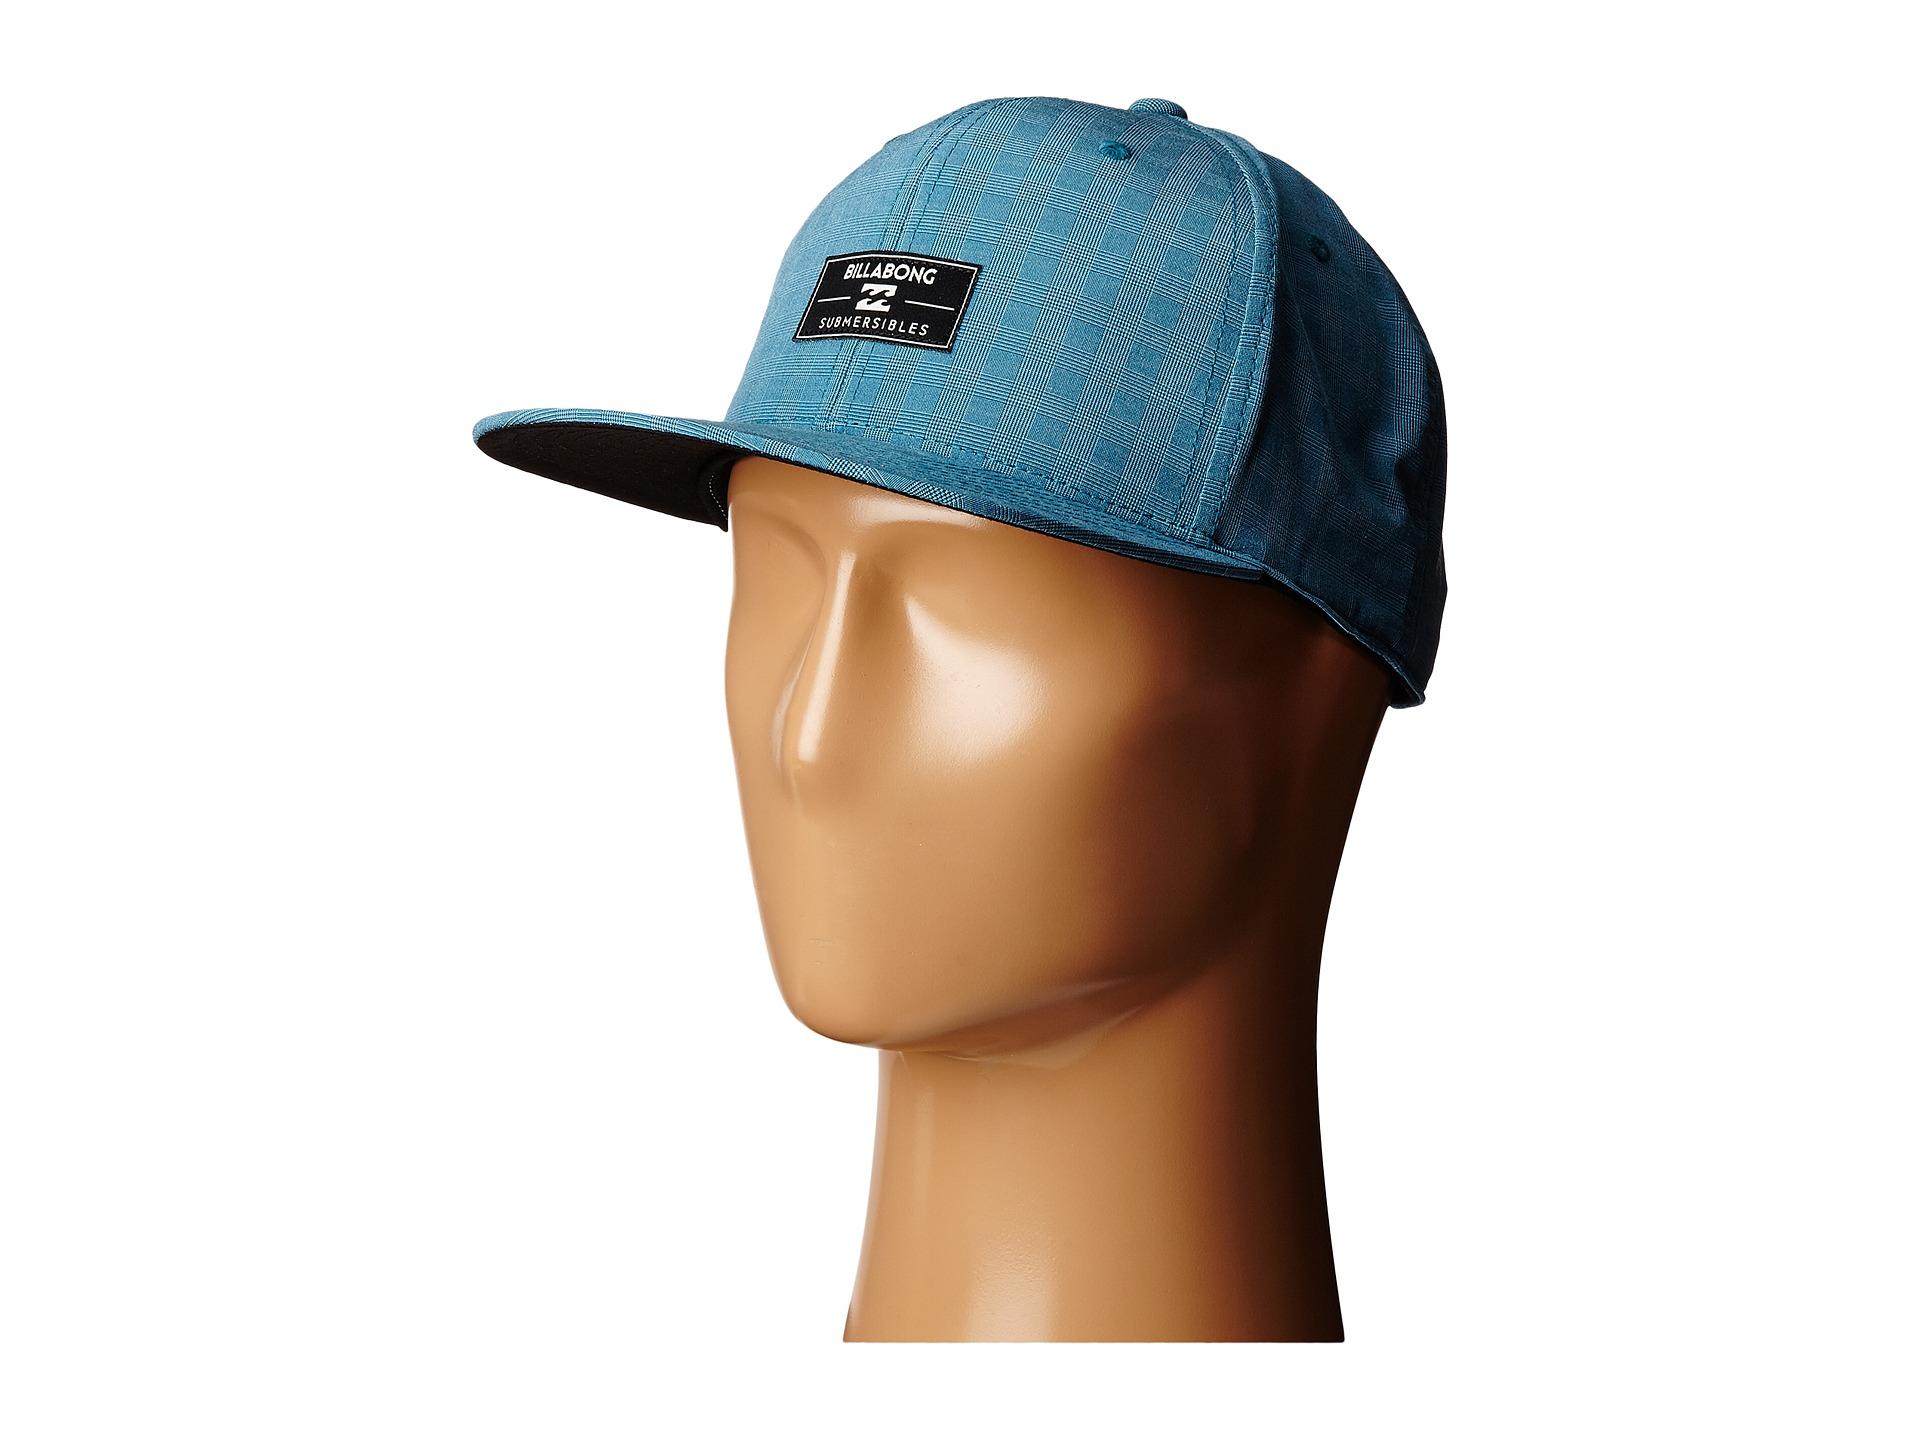 Lyst - Billabong Submersible 110 Flexfit Hat in Blue for Men 9b55e9ba8a1